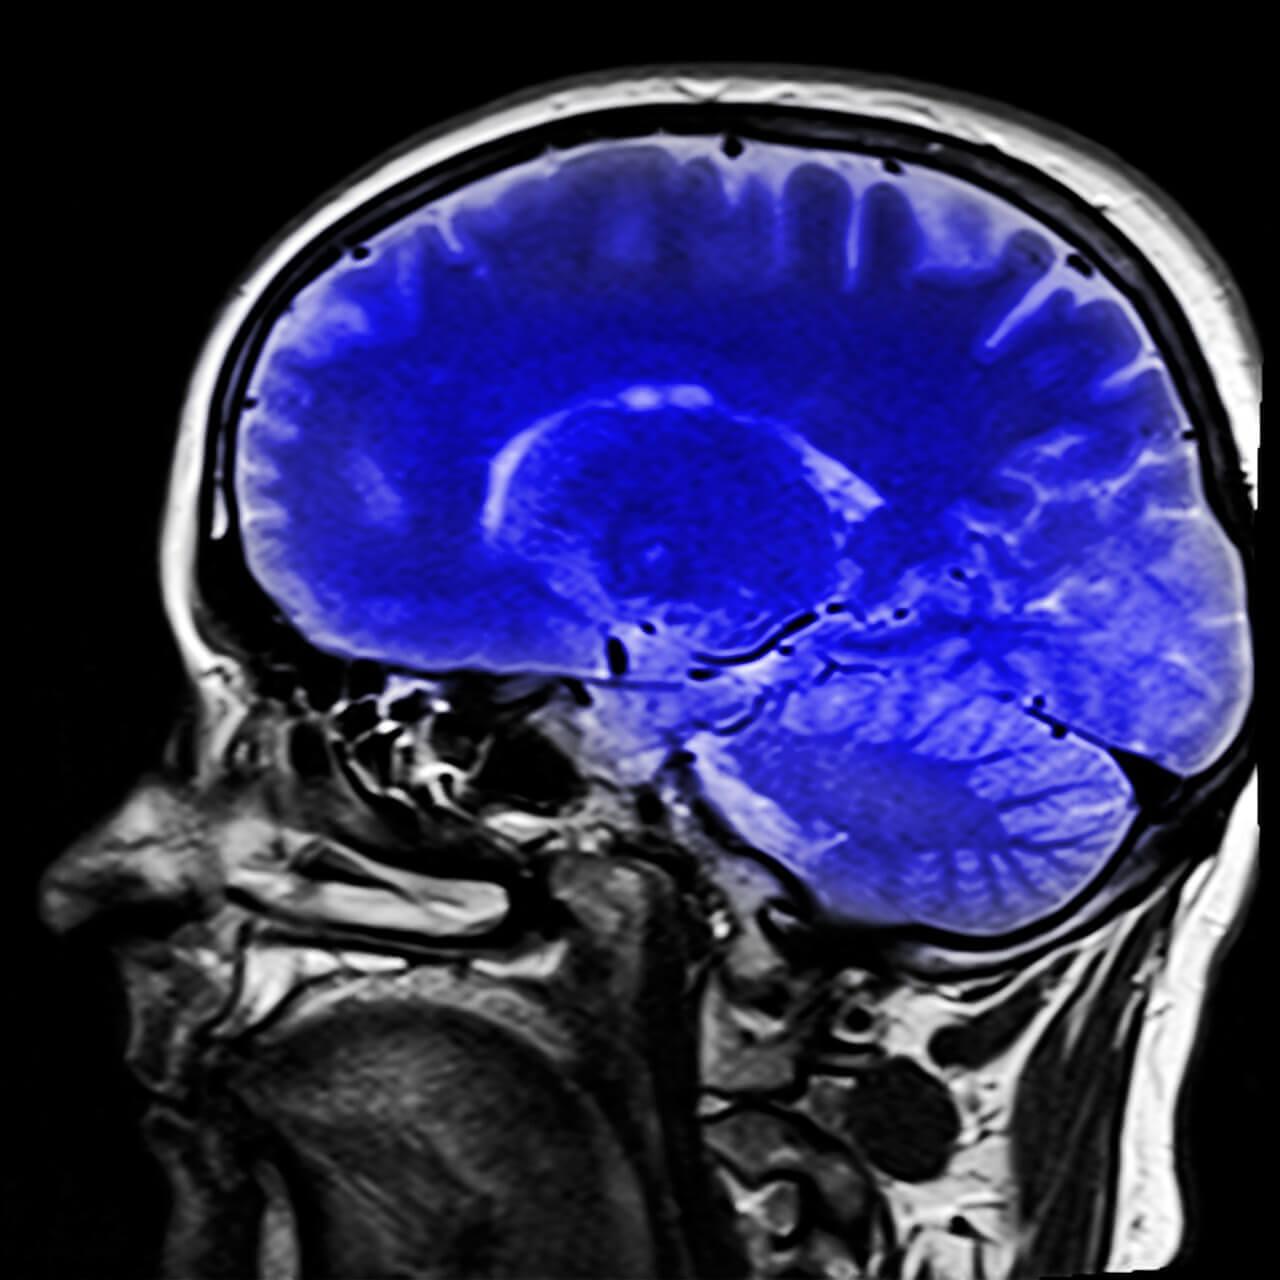 Cérebro humano pintado de azul